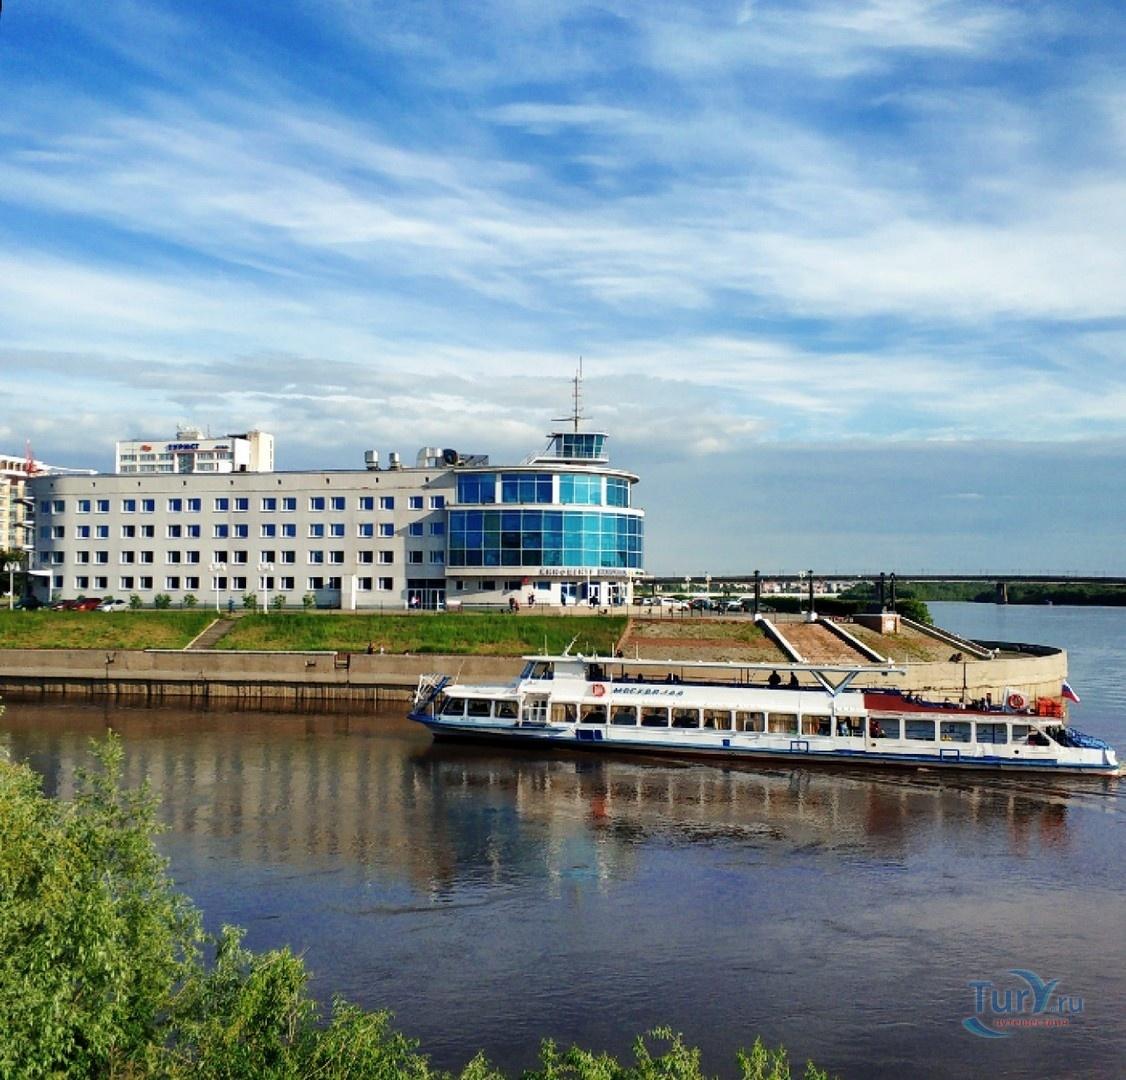 Картинки речной вокзал омск